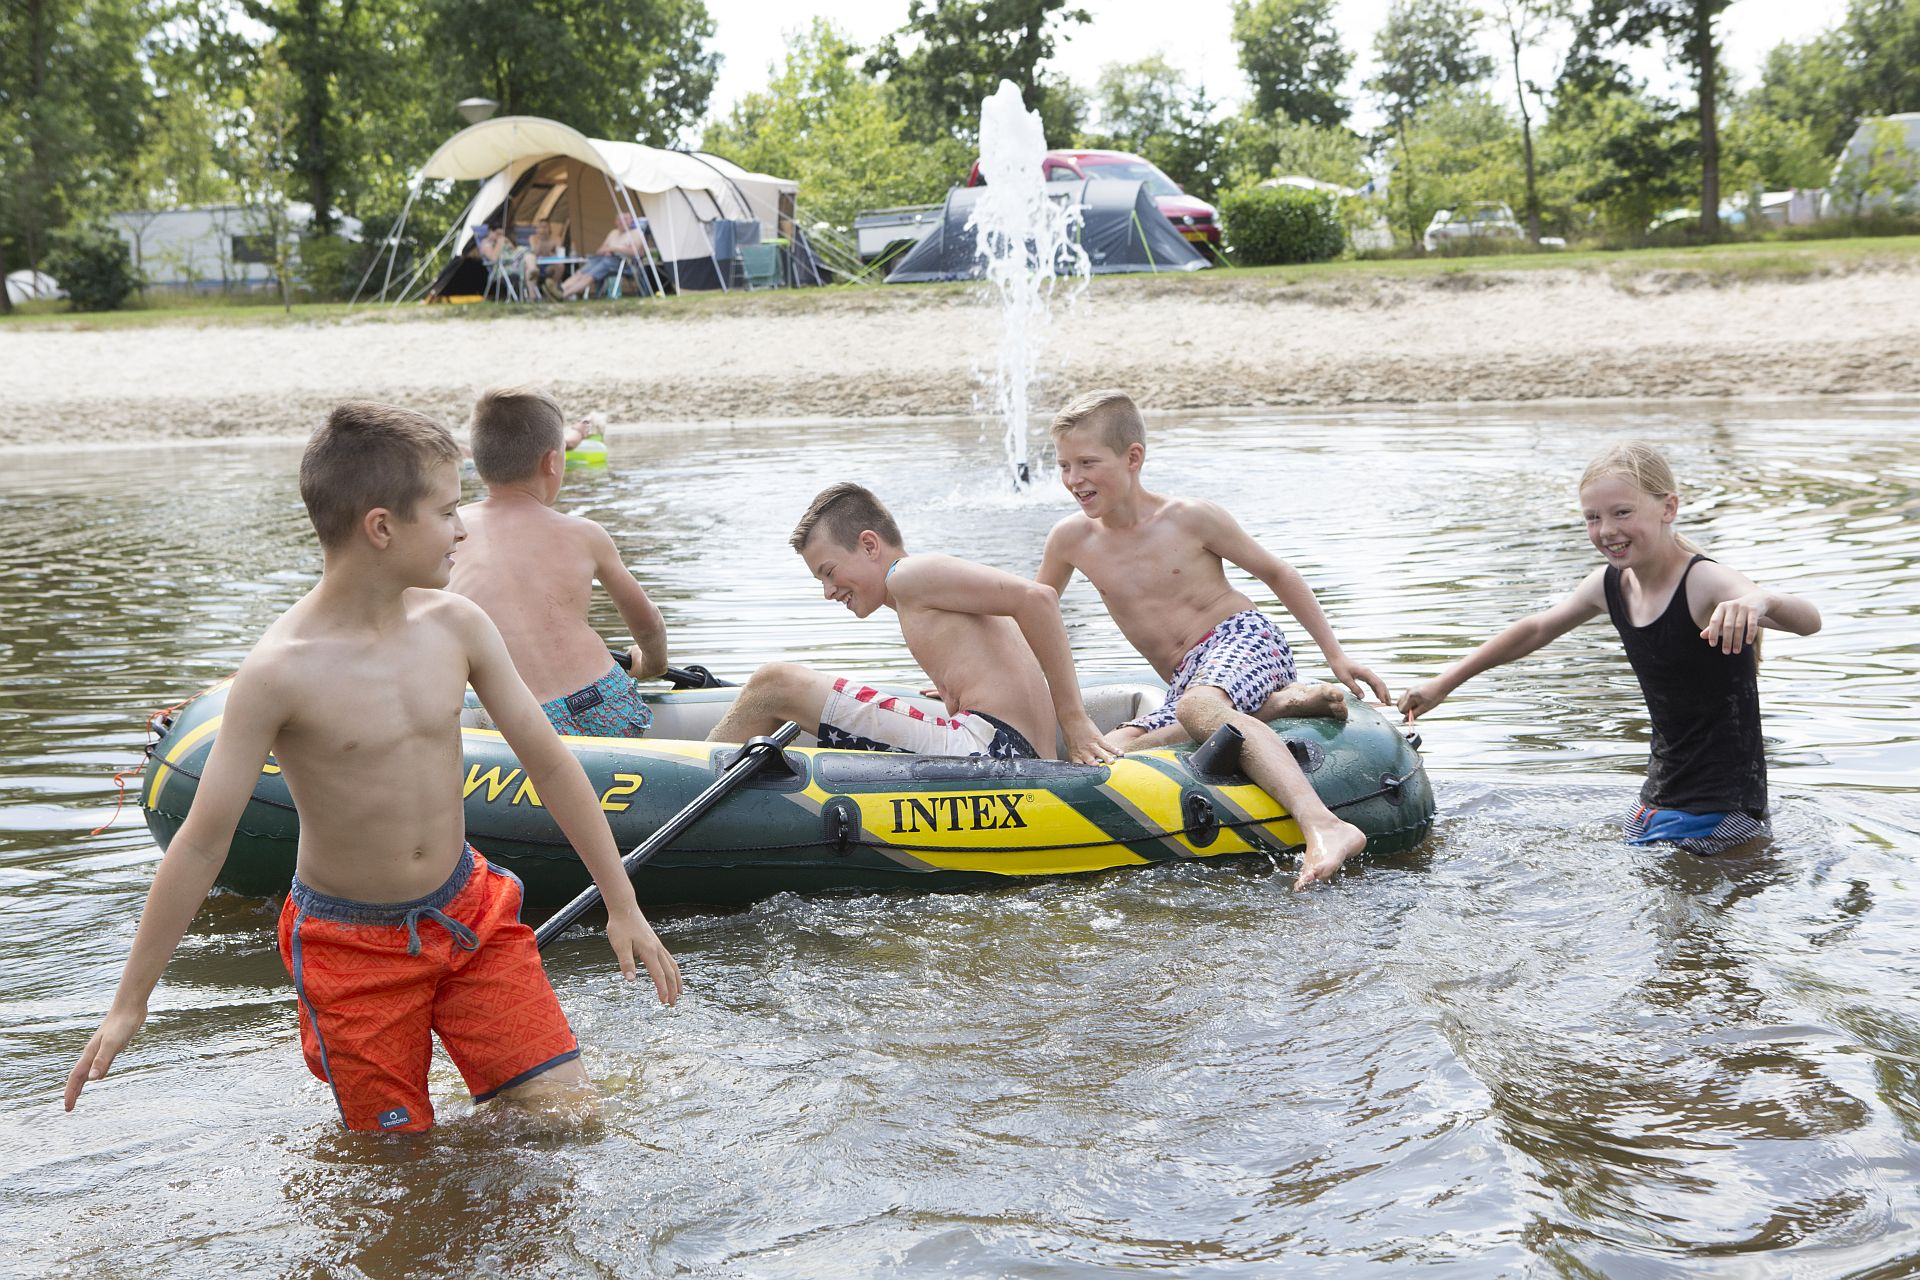 Kamperen op een tienercamping in Overijssel - kamperen op een tienercamping in Overijssel